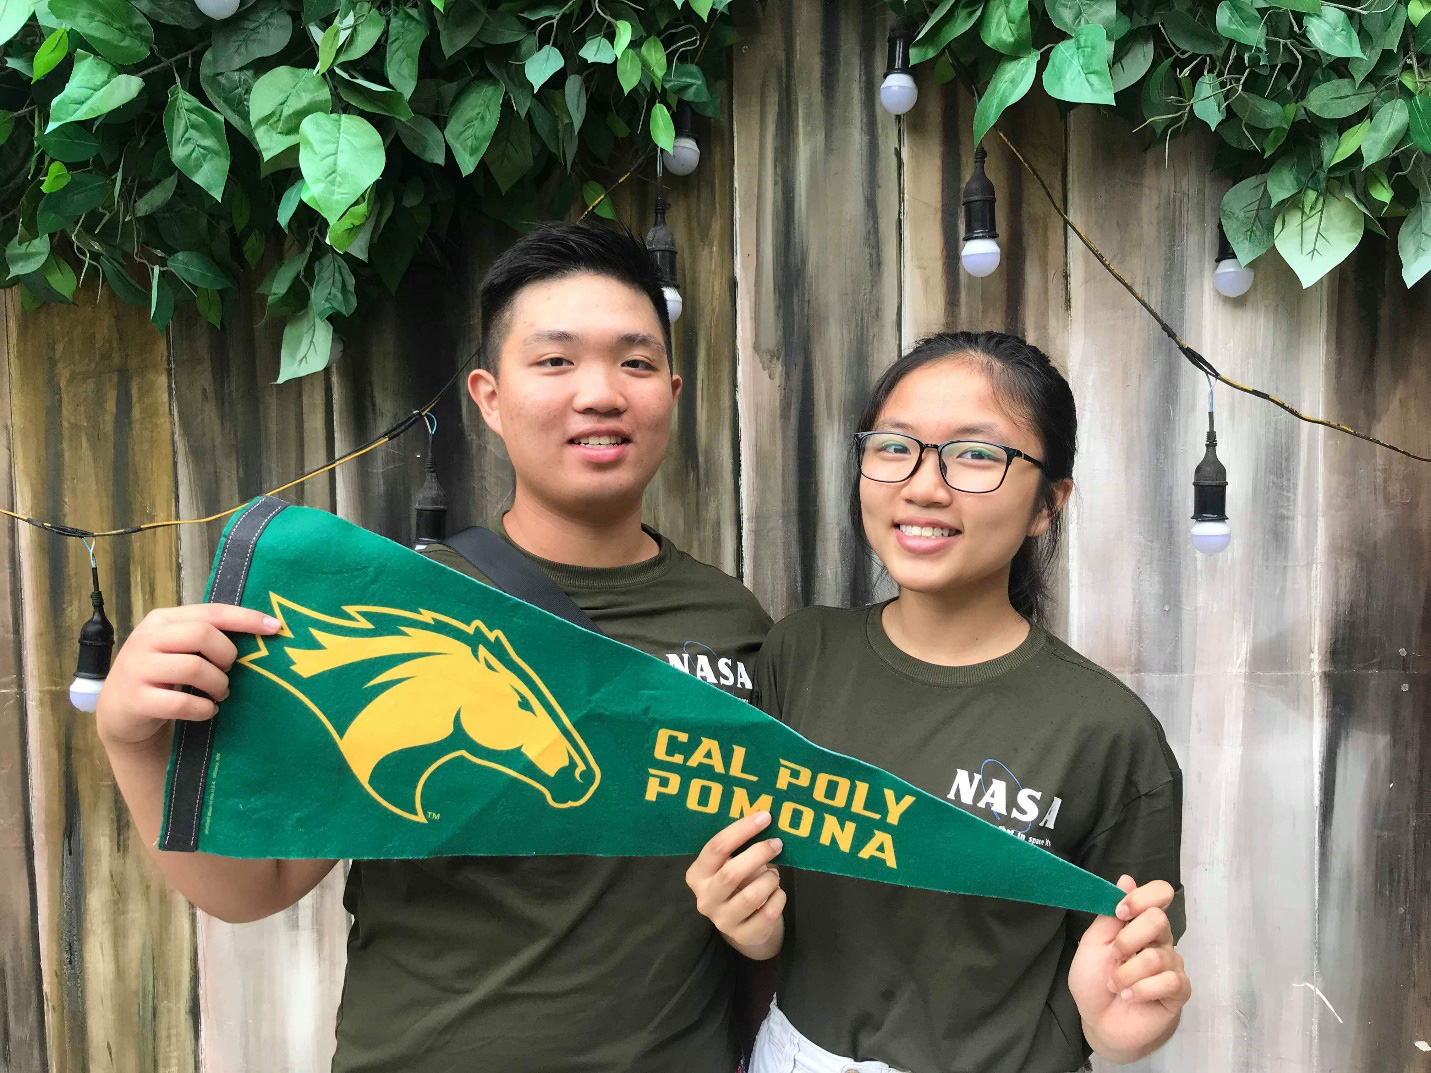 Cựu học sinh Trường Quốc tế Á Châu đạt thành tích học tập khủng tại Mỹ